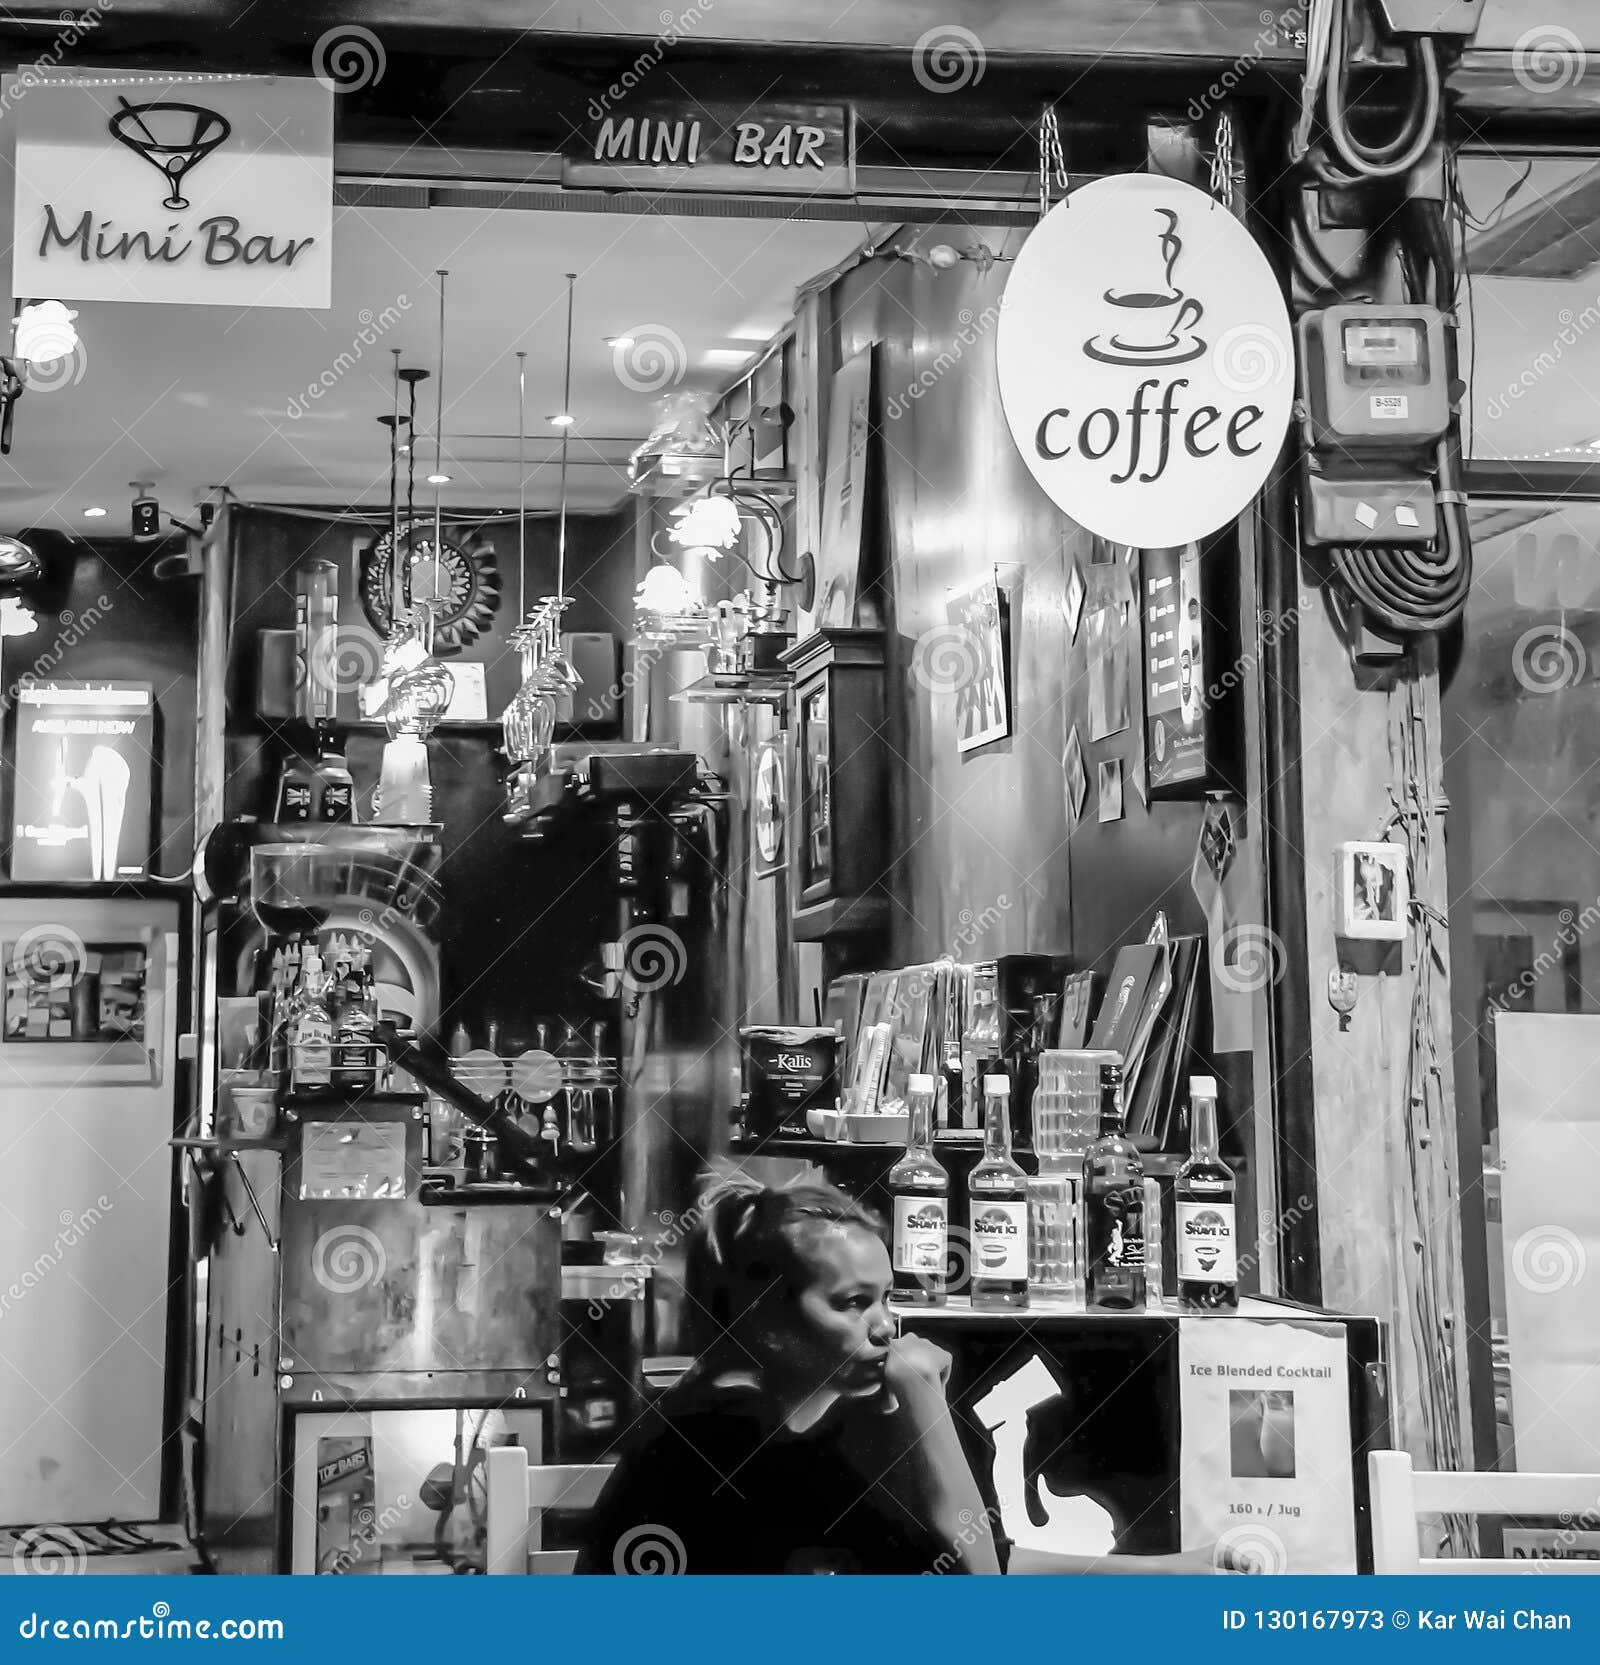 Bangkok - 2010: Mujeres tailandesas que se sientan en un café local y una mini barra